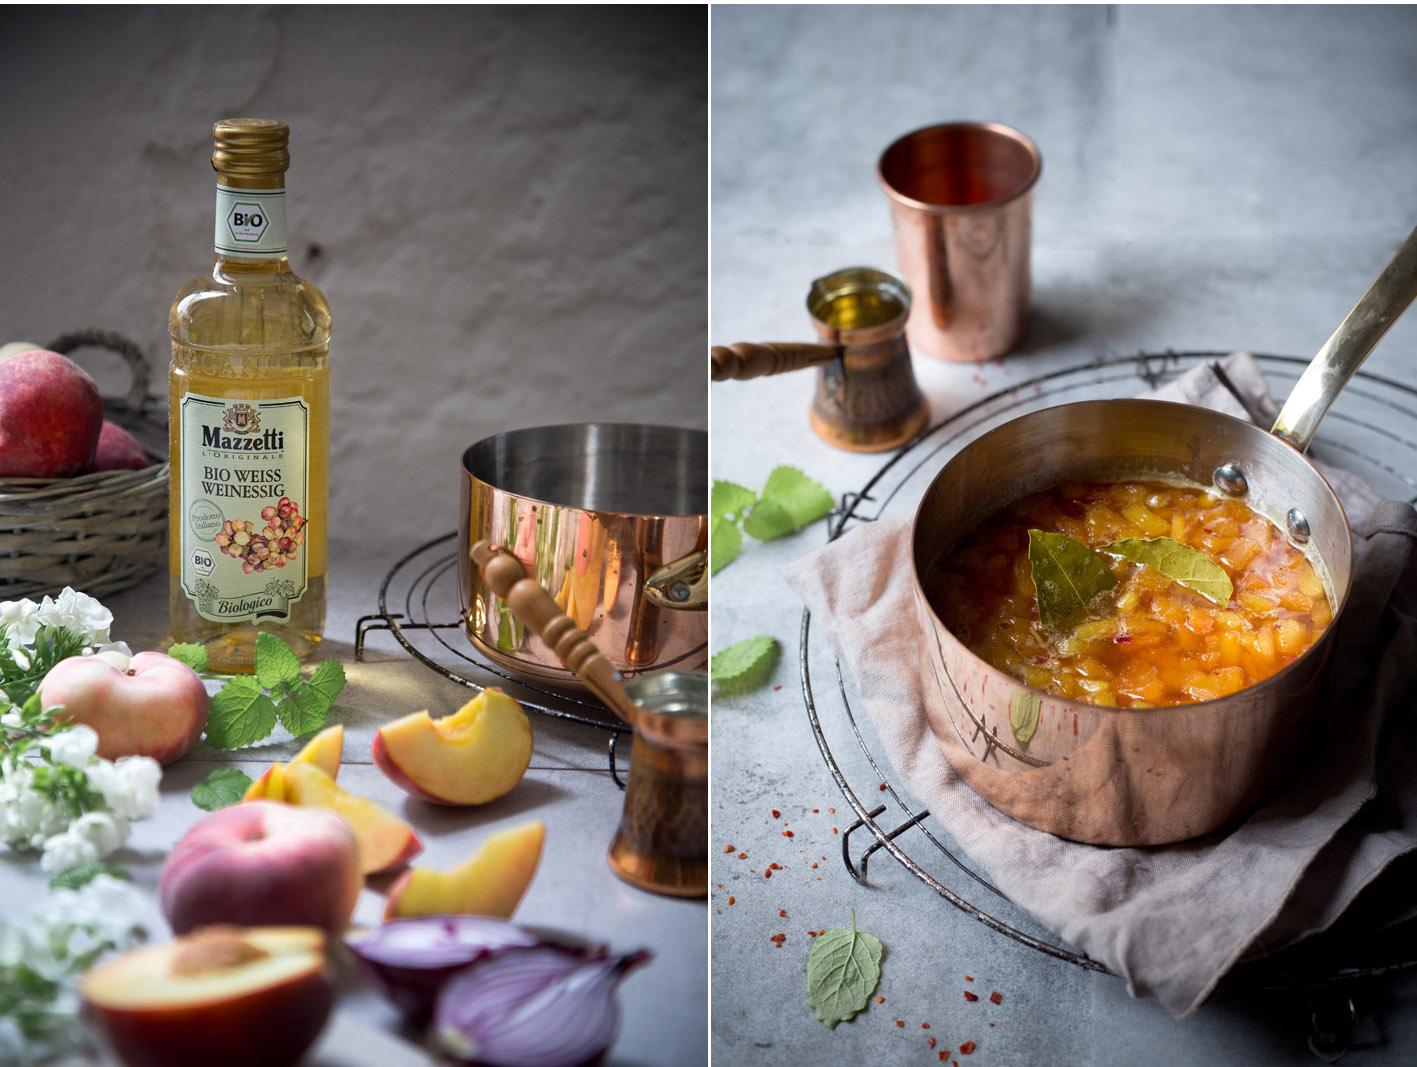 rezept für Pfirsich chutney